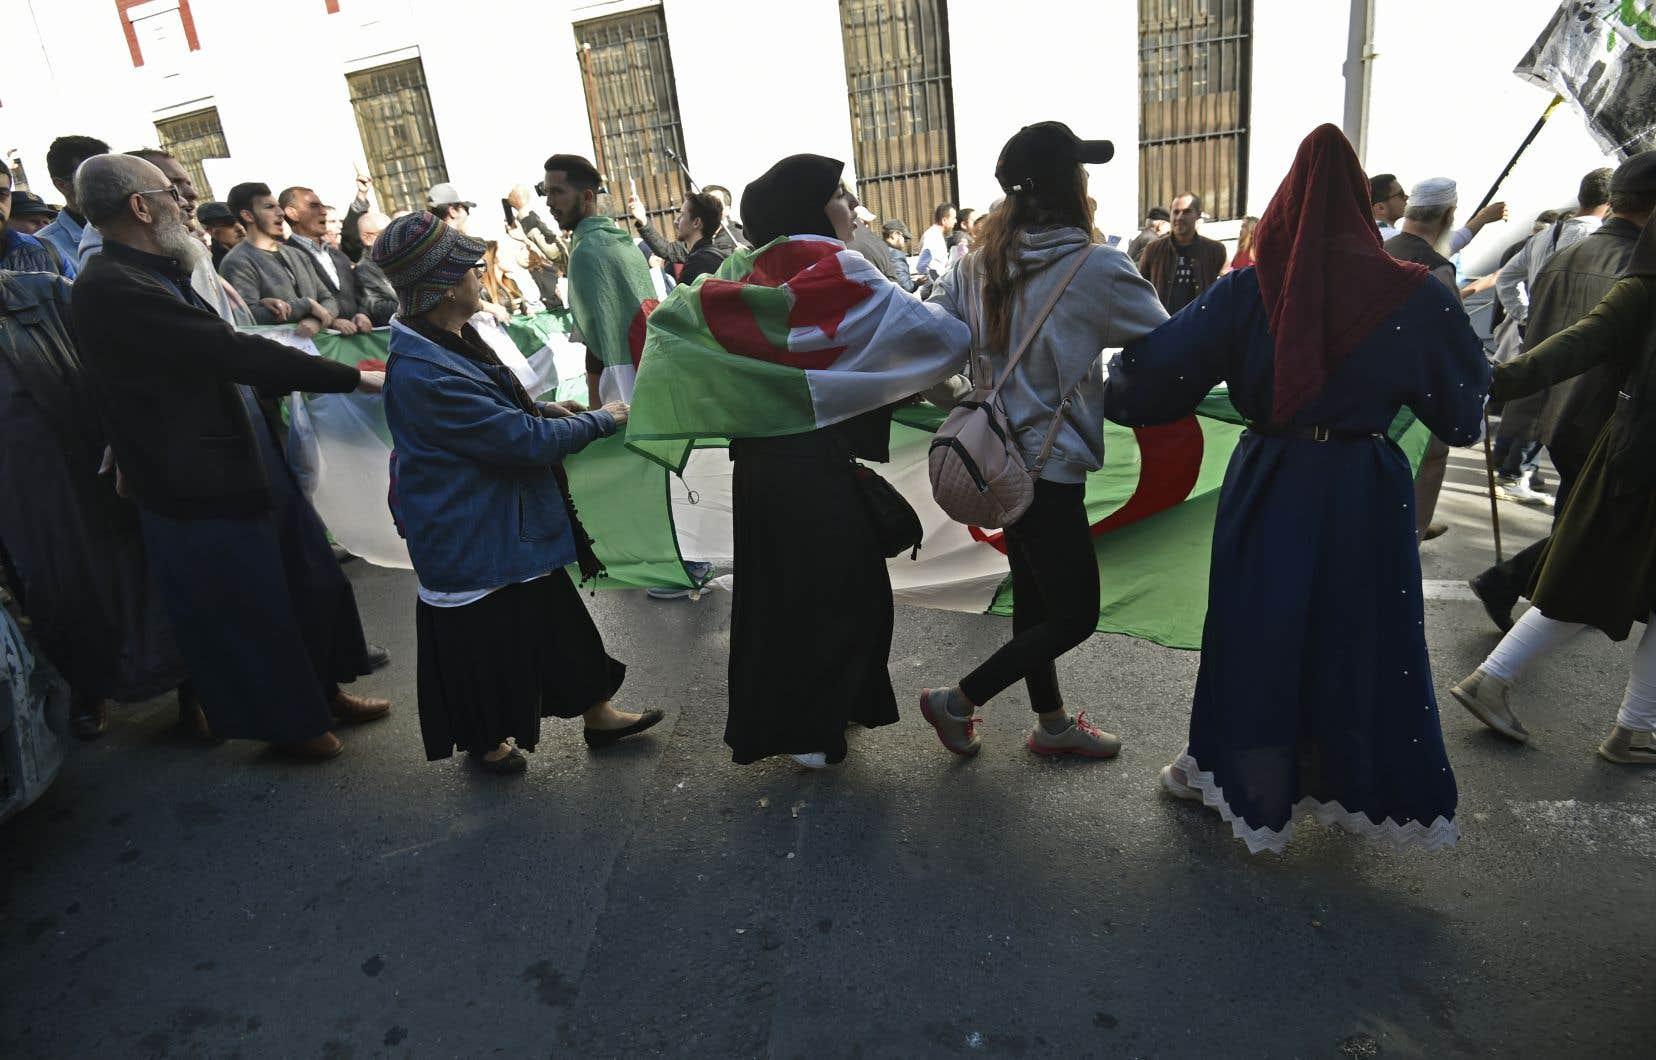 Les étudiants ont maintenu leur manifestation hebdomadaire – la 44econsécutive – malgré le deuil national de trois jours.